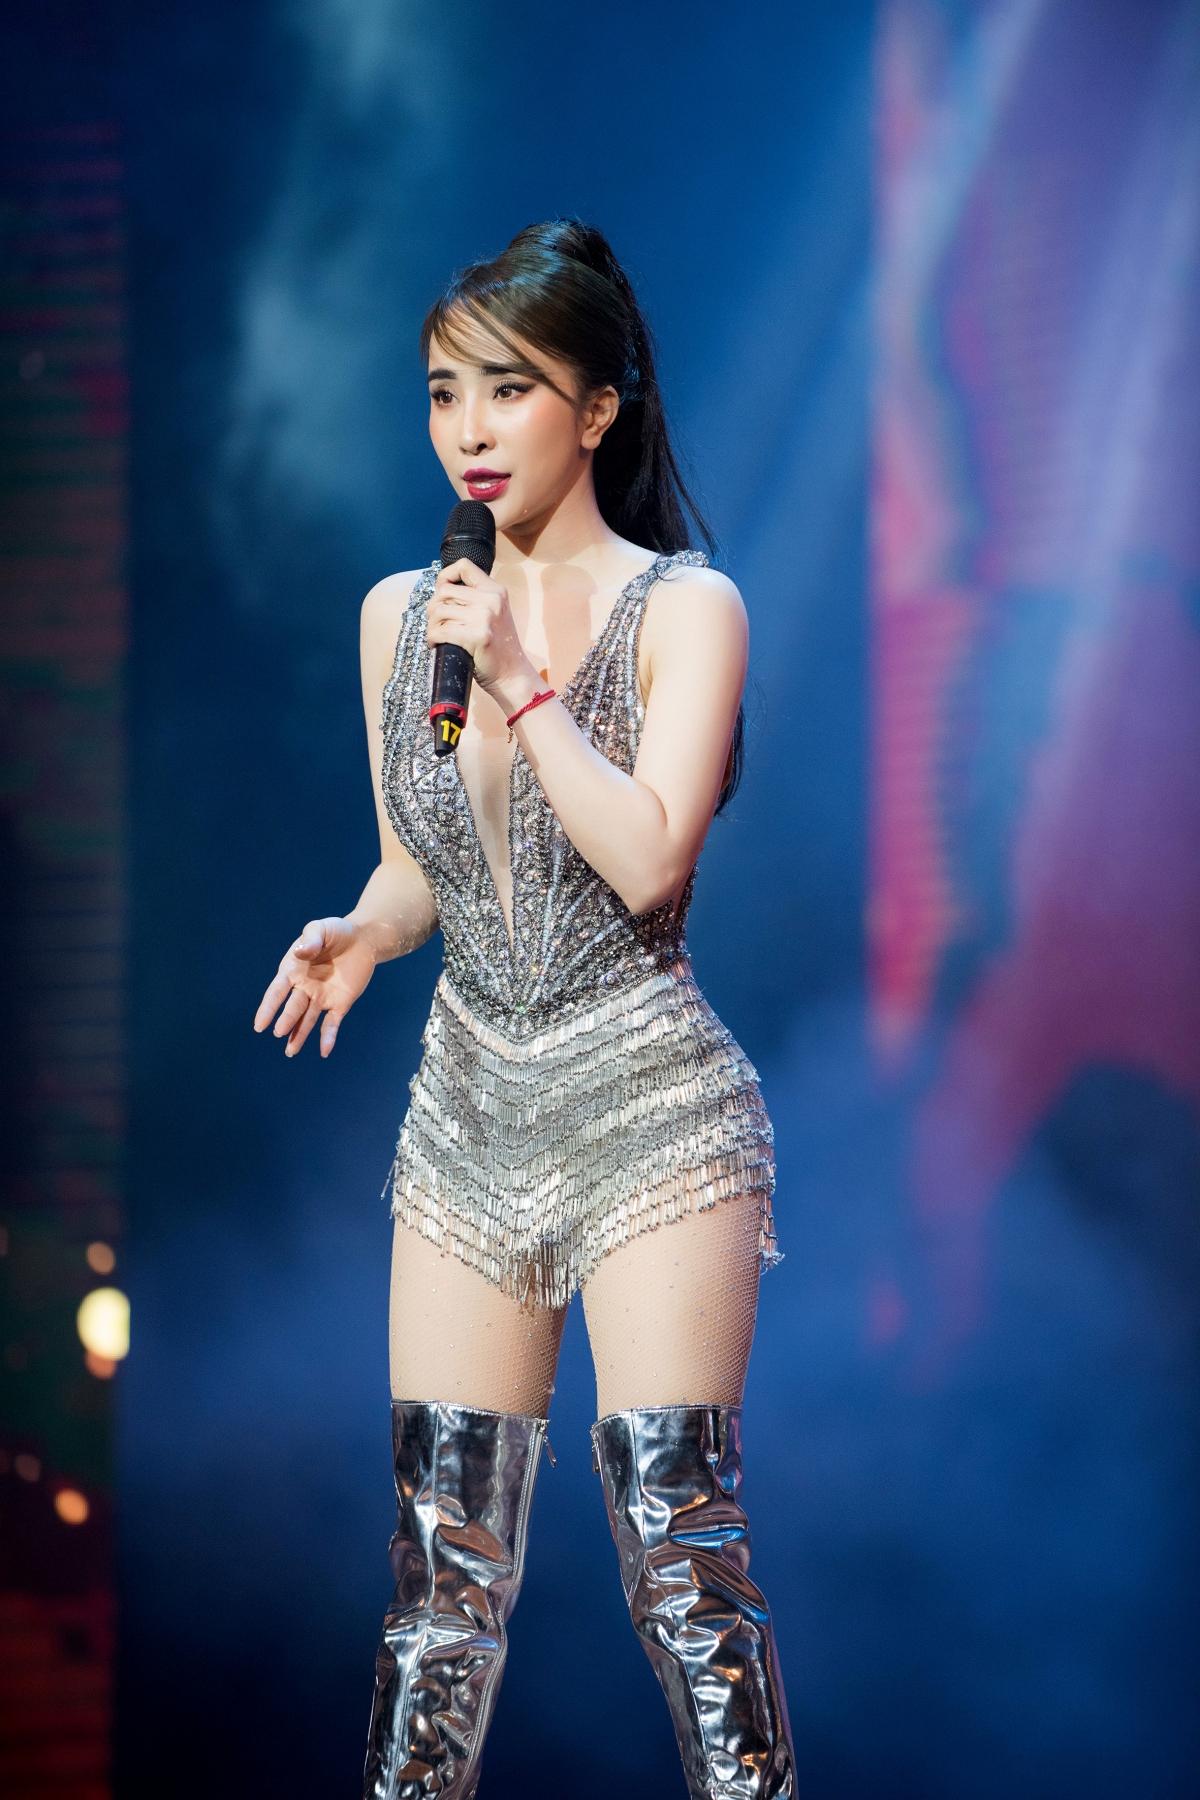 Đây cũng là hai ca khúc được đông đảo khán giả yêu thích của Quỳnh Nga. Nhiều người nhận xét, vũ đạo của Quỳnh Nga ngày càng điêu luyện, quyến rũ hơn mặc dù cô đi diễn rất ít. Đây cũng là lần hiếm hoi cô trở lại với sân khấu trong vai trò ca sĩ.